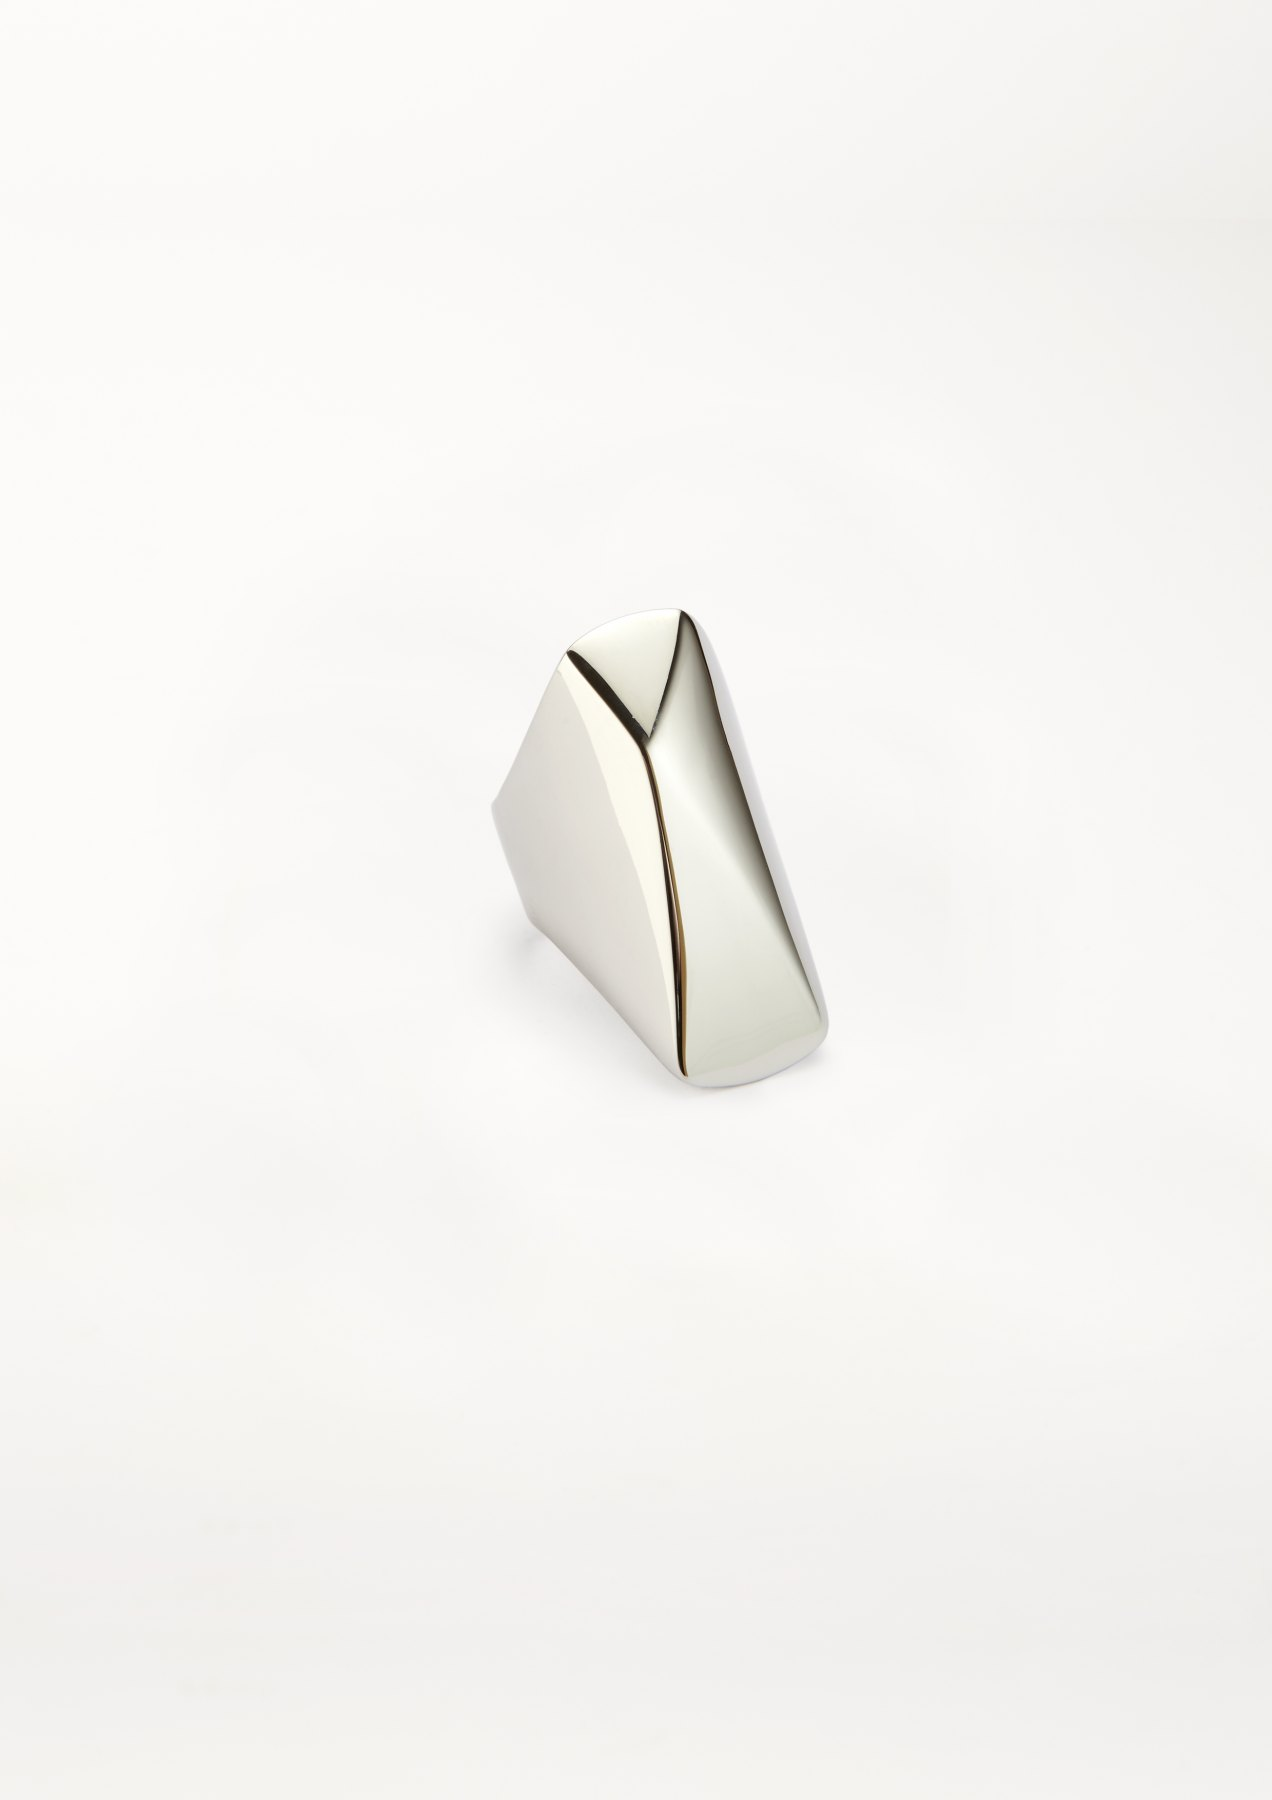 xenia bous schmuck Golden Stone 24 Long Diamond Ring gold silber